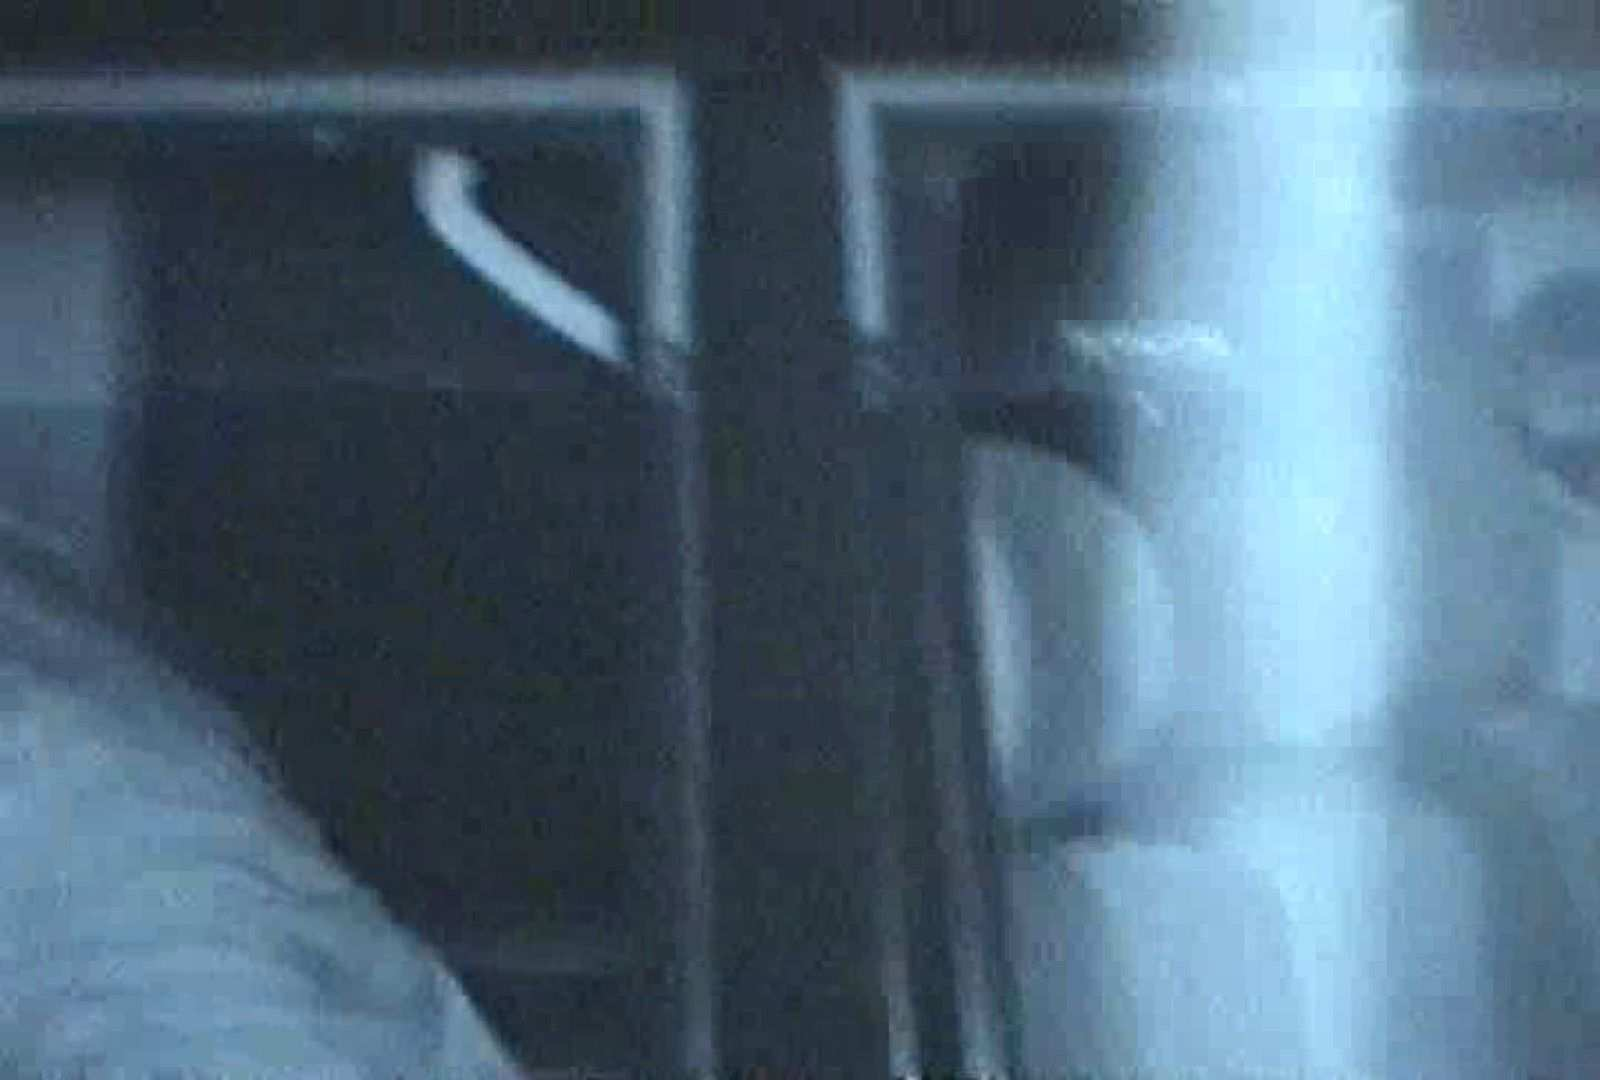 充血監督の深夜の運動会Vol.92 エロティックなOL オマンコ無修正動画無料 82画像 50